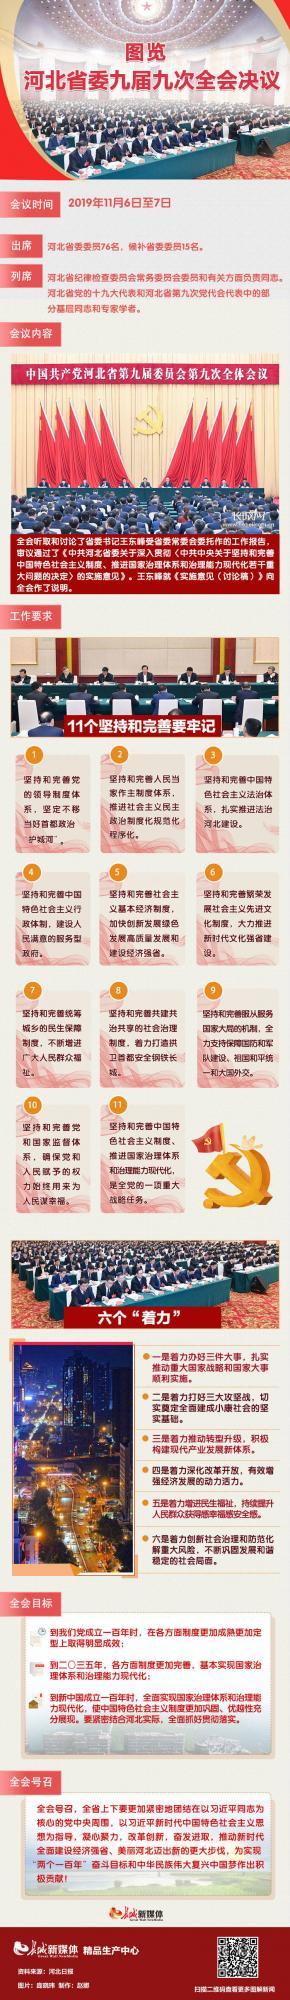 图览|河北省委九届九次全会决议